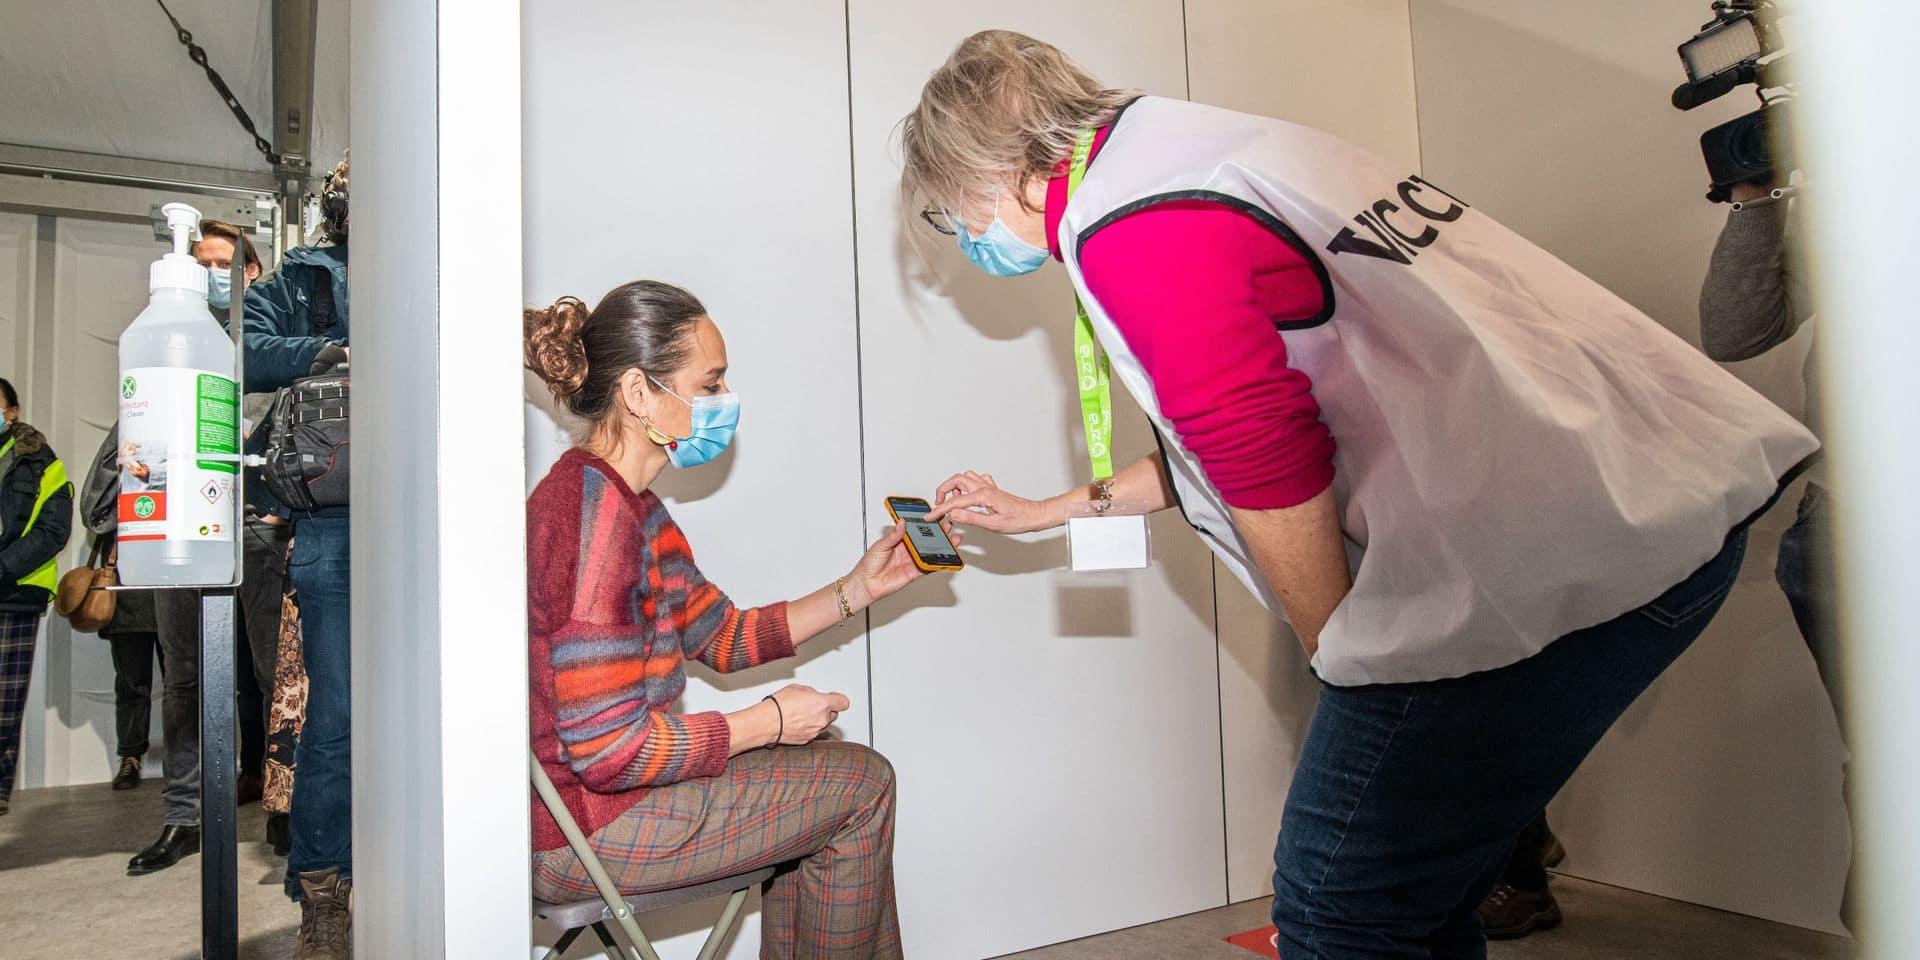 """La directrice du Centre européen de prévention et de contrôle des maladies prévient la population: """"Il faut se préparer à ce que le virus reste parmi nous sur le long terme"""""""